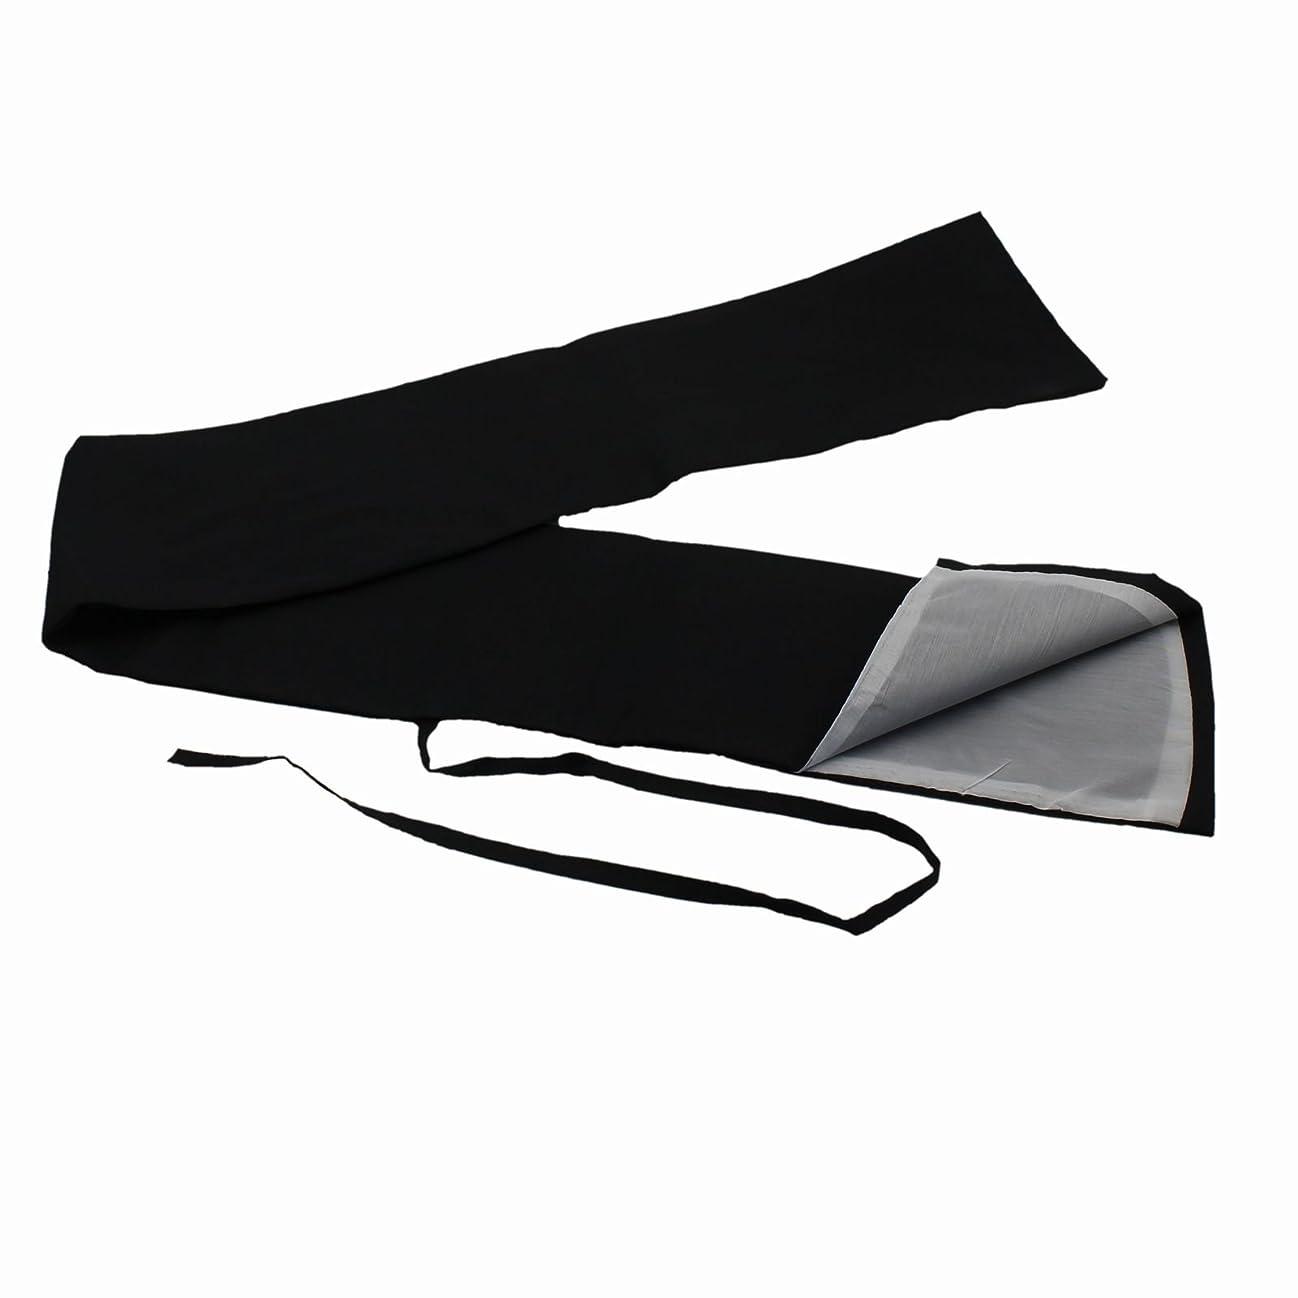 パーチナシティ議題加入JomMart 刀袋 黒色 内側 白色 中 、日本刀?模造刀?竹刀の保管?収納 HB0306